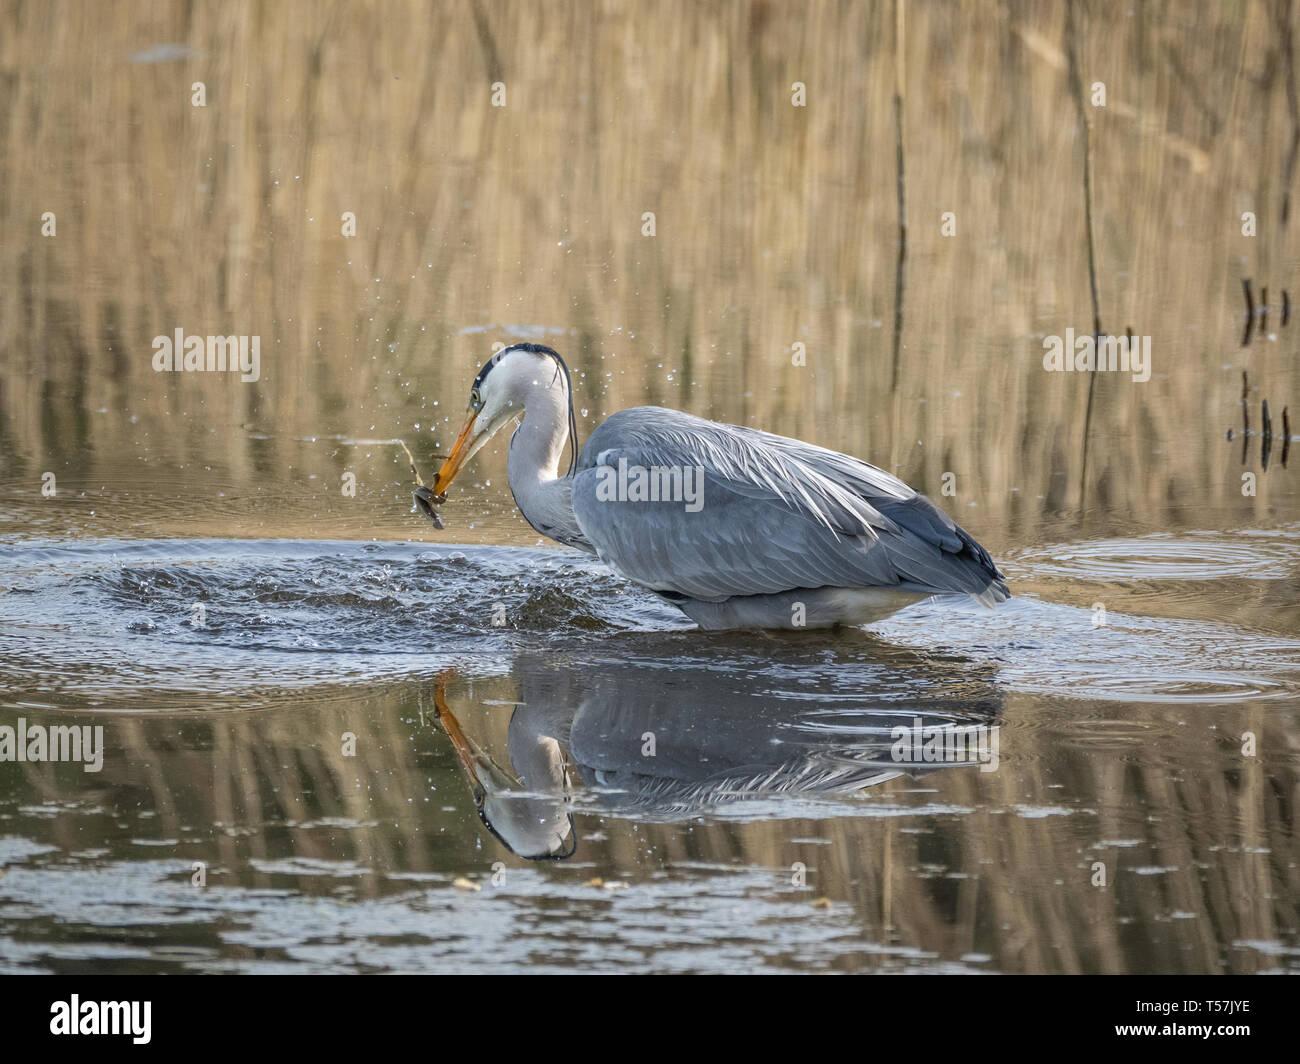 Heron catching eel, Welsh Wildlife Centre, Cilgerran, Wales Stock Photo